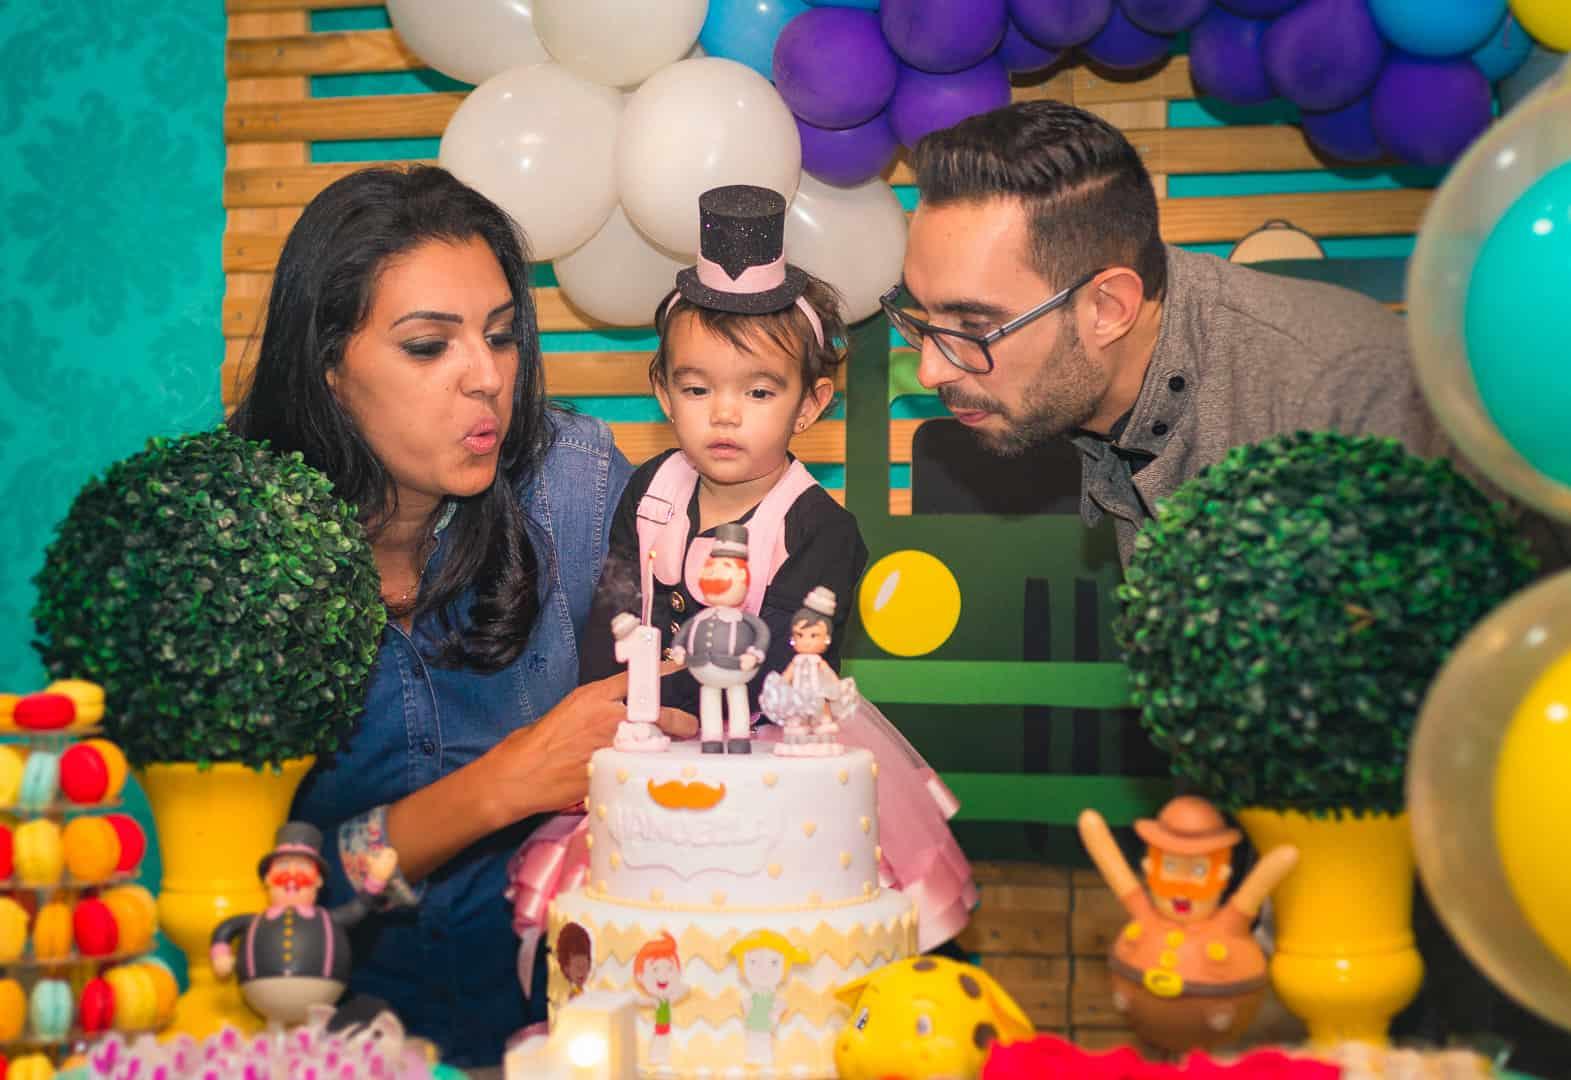 festa de aniversario 1o aninho da manuella foto aniversario infantil em blumenau por jackson ullmann fotografo em gaspar 165 - Festa de Aniversário - 1º aninho da Manuella